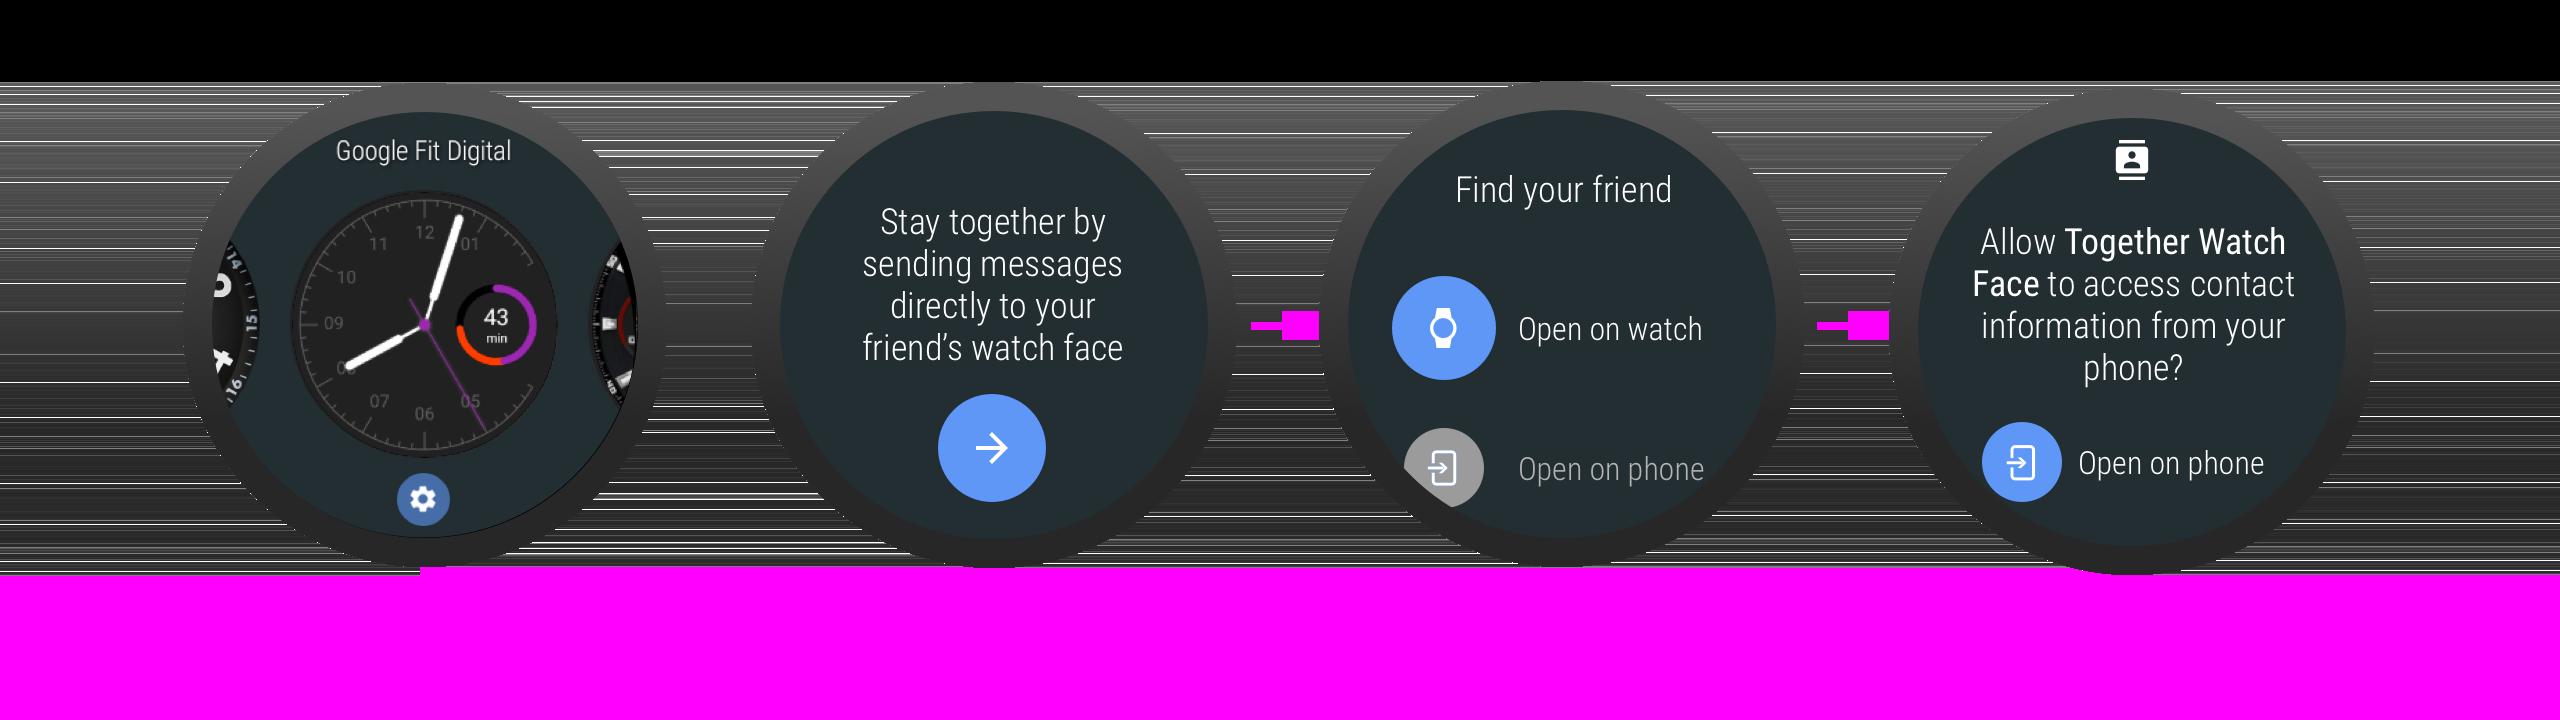 起動時にパーミッションをリクエストする場合、アプリがパーミッションを必要とする理由を説明することができます。